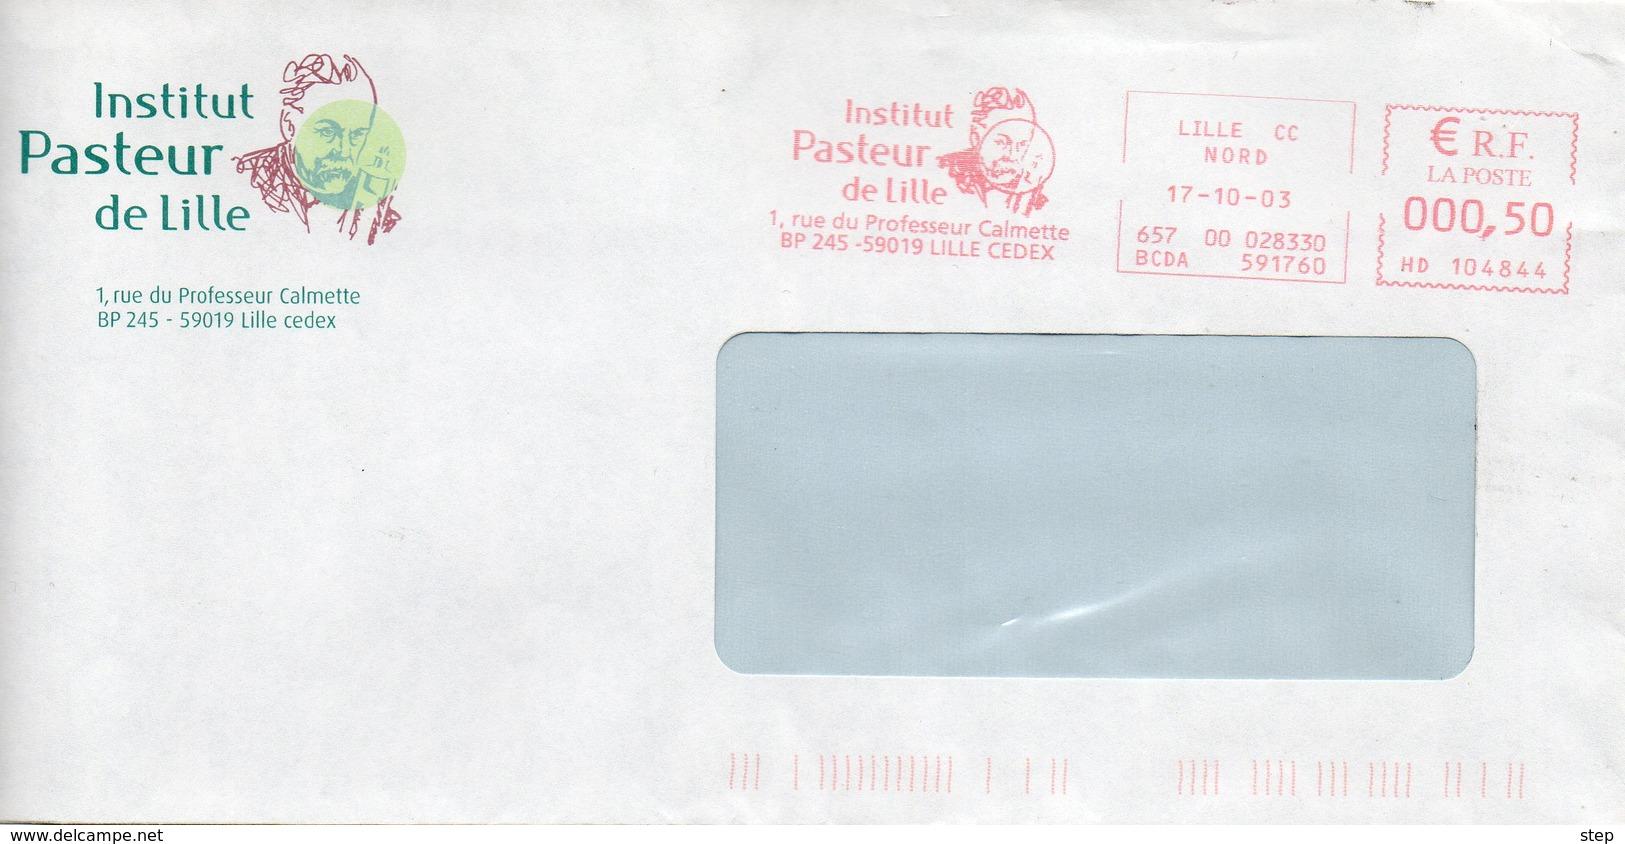 LILLE (NORD) : Louis PASTEUR EMA Rouge 2003 Institut PASTEUR - Louis Pasteur